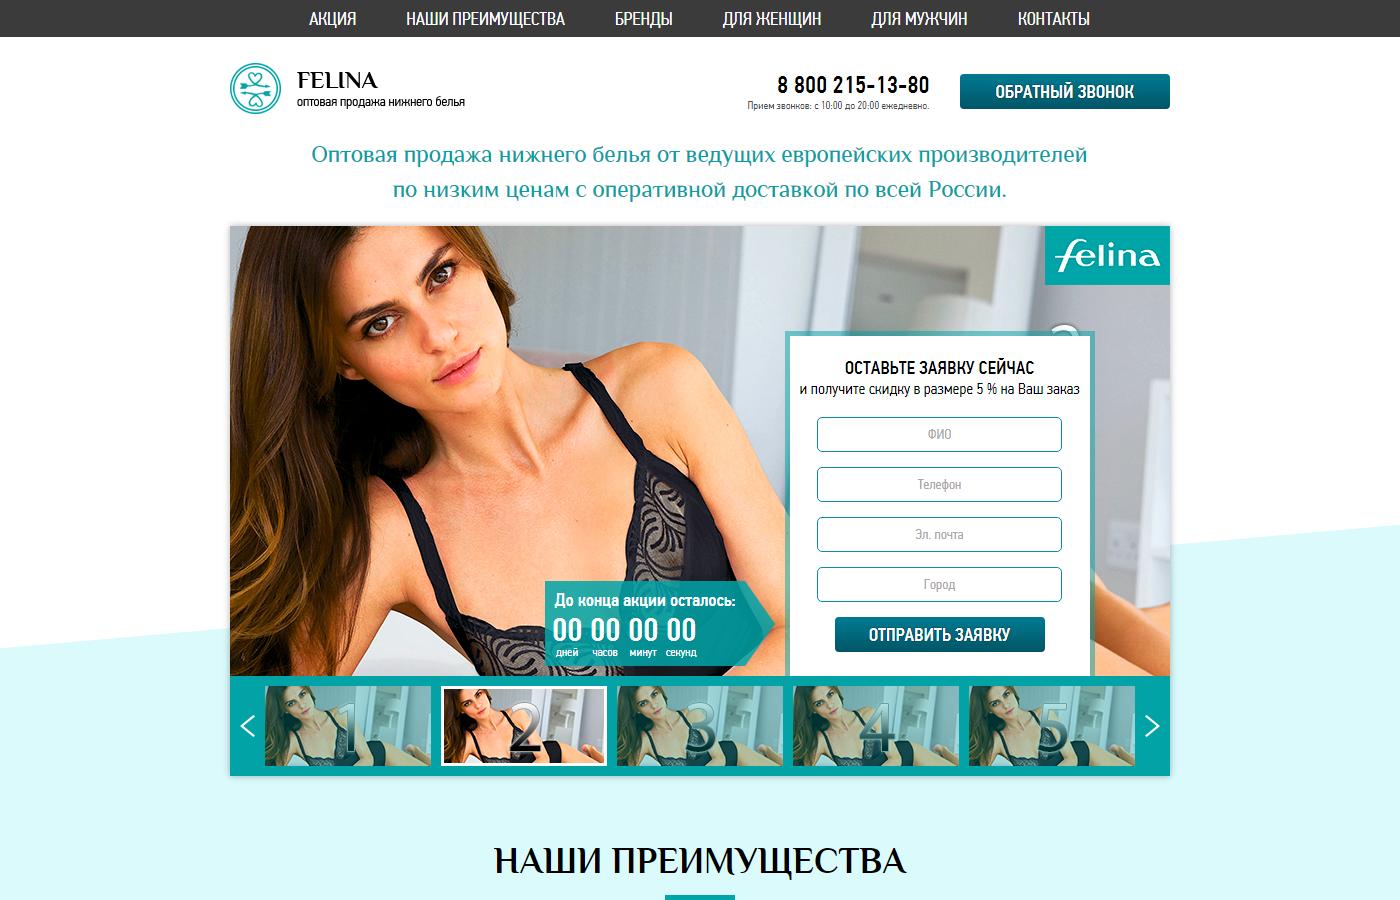 2014 - Landing Page по продаже нижнего белья